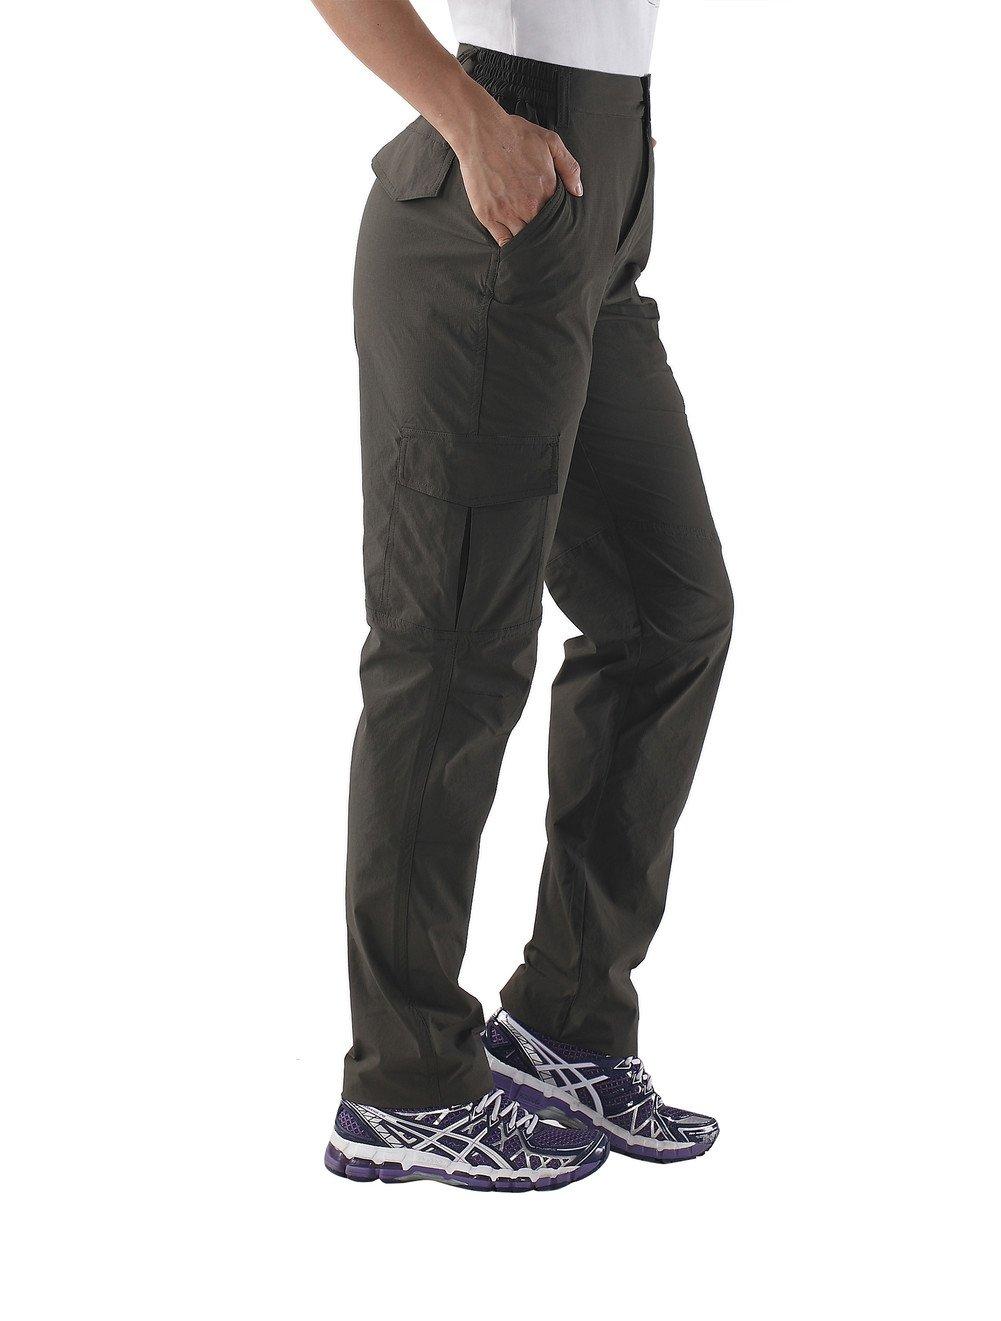 Nonwe Pantalon Femme Léger à Séchage Rapide Randonnée Marche Pédestre Sport  Hiver 74212ec247e